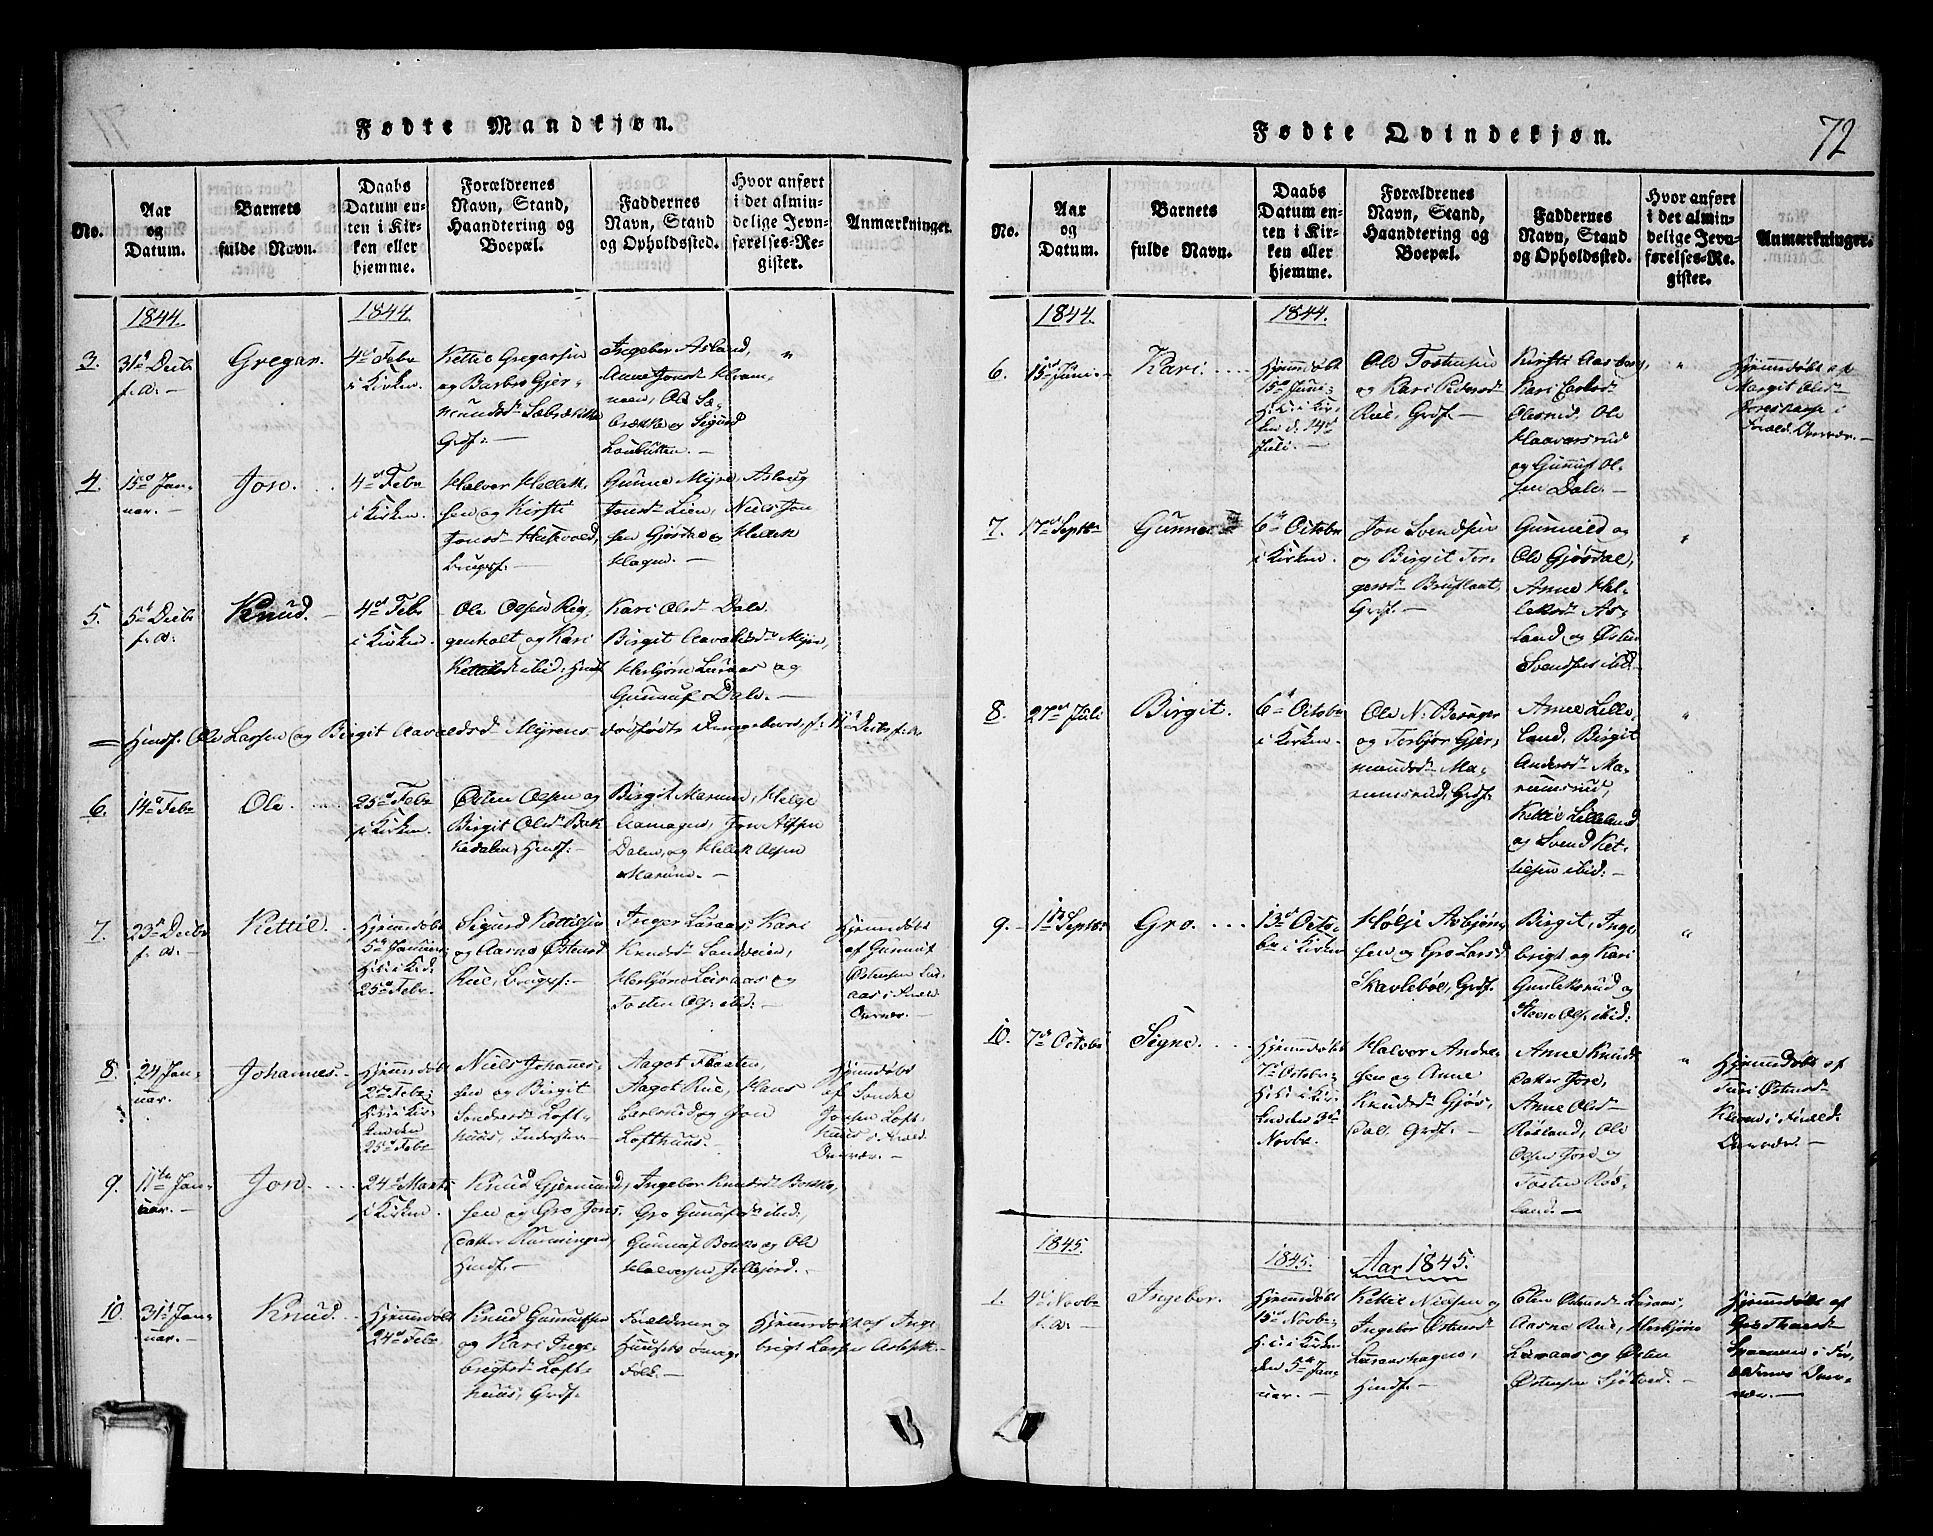 SAKO, Tinn kirkebøker, G/Gb/L0001: Klokkerbok nr. II 1 /2, 1837-1850, s. 72